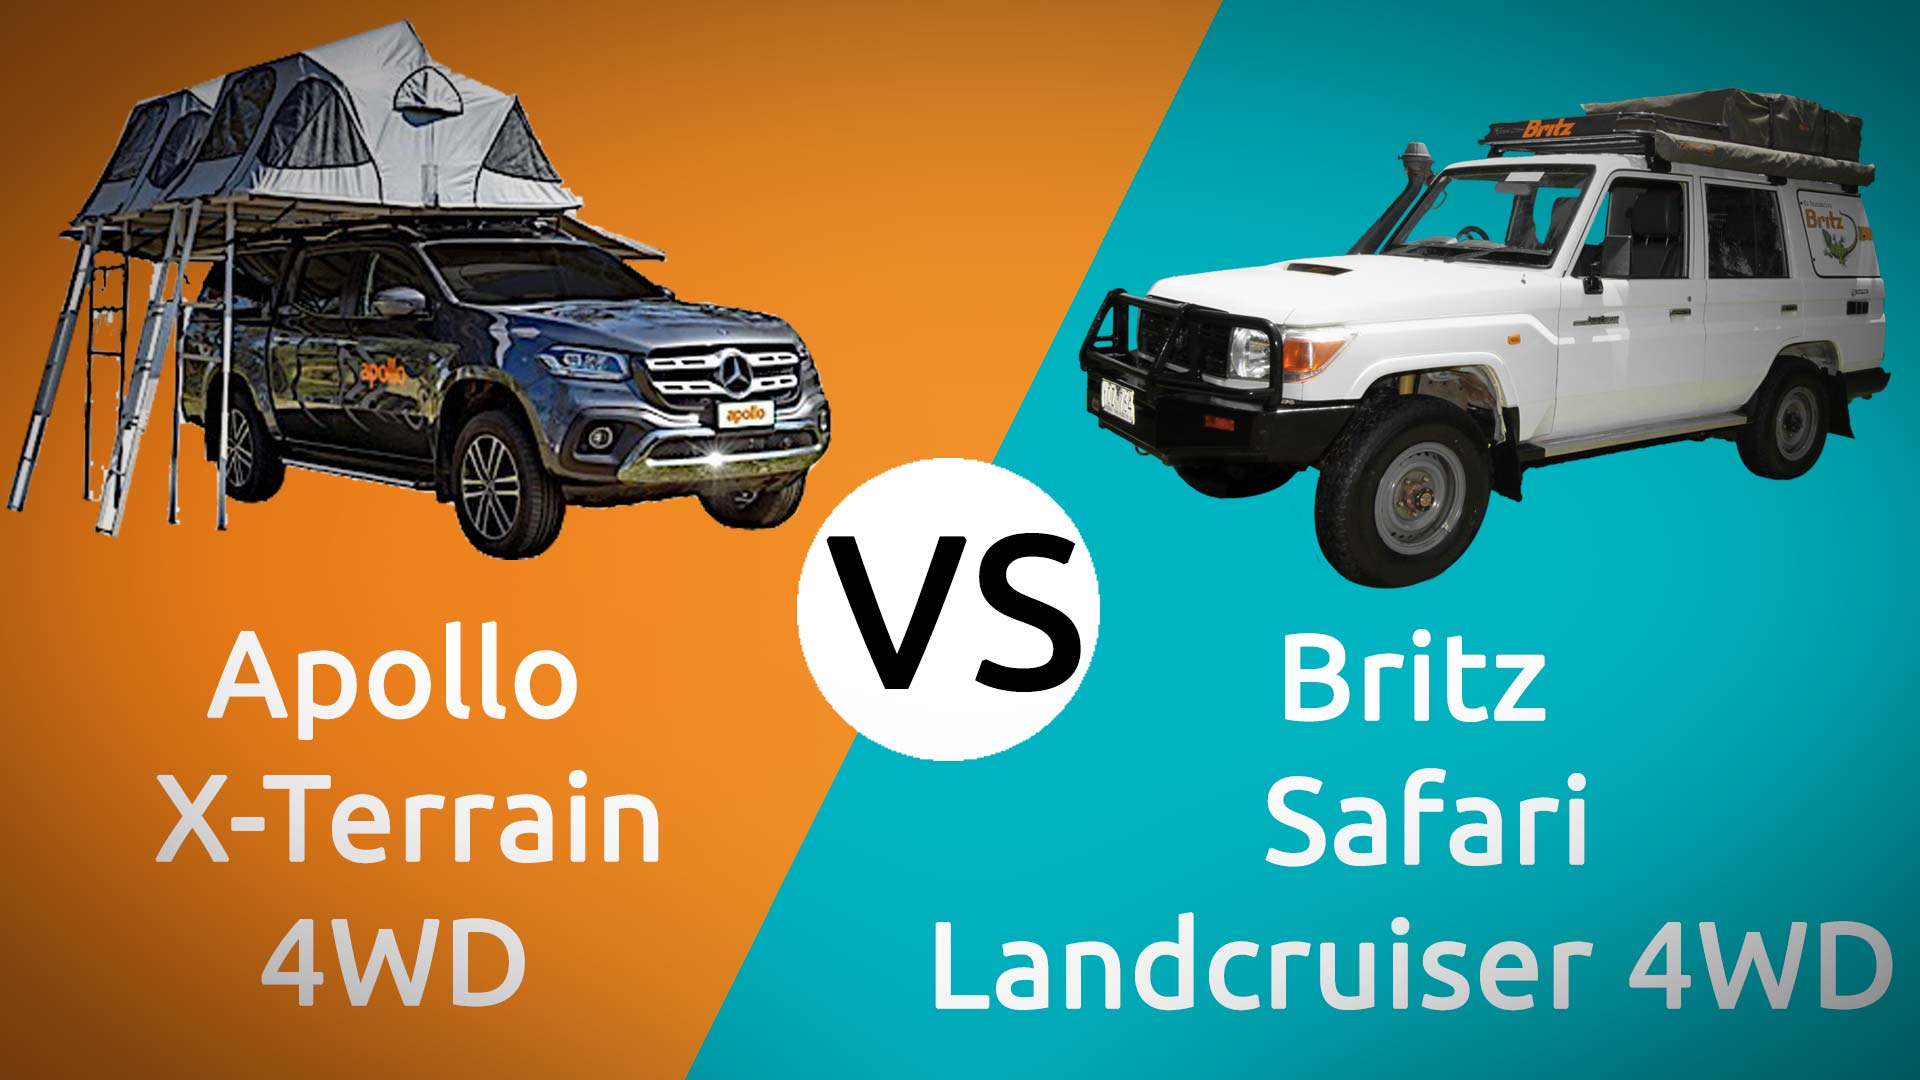 Apollo X-Terrain vs Britz Safari Landcruiser Compared Head